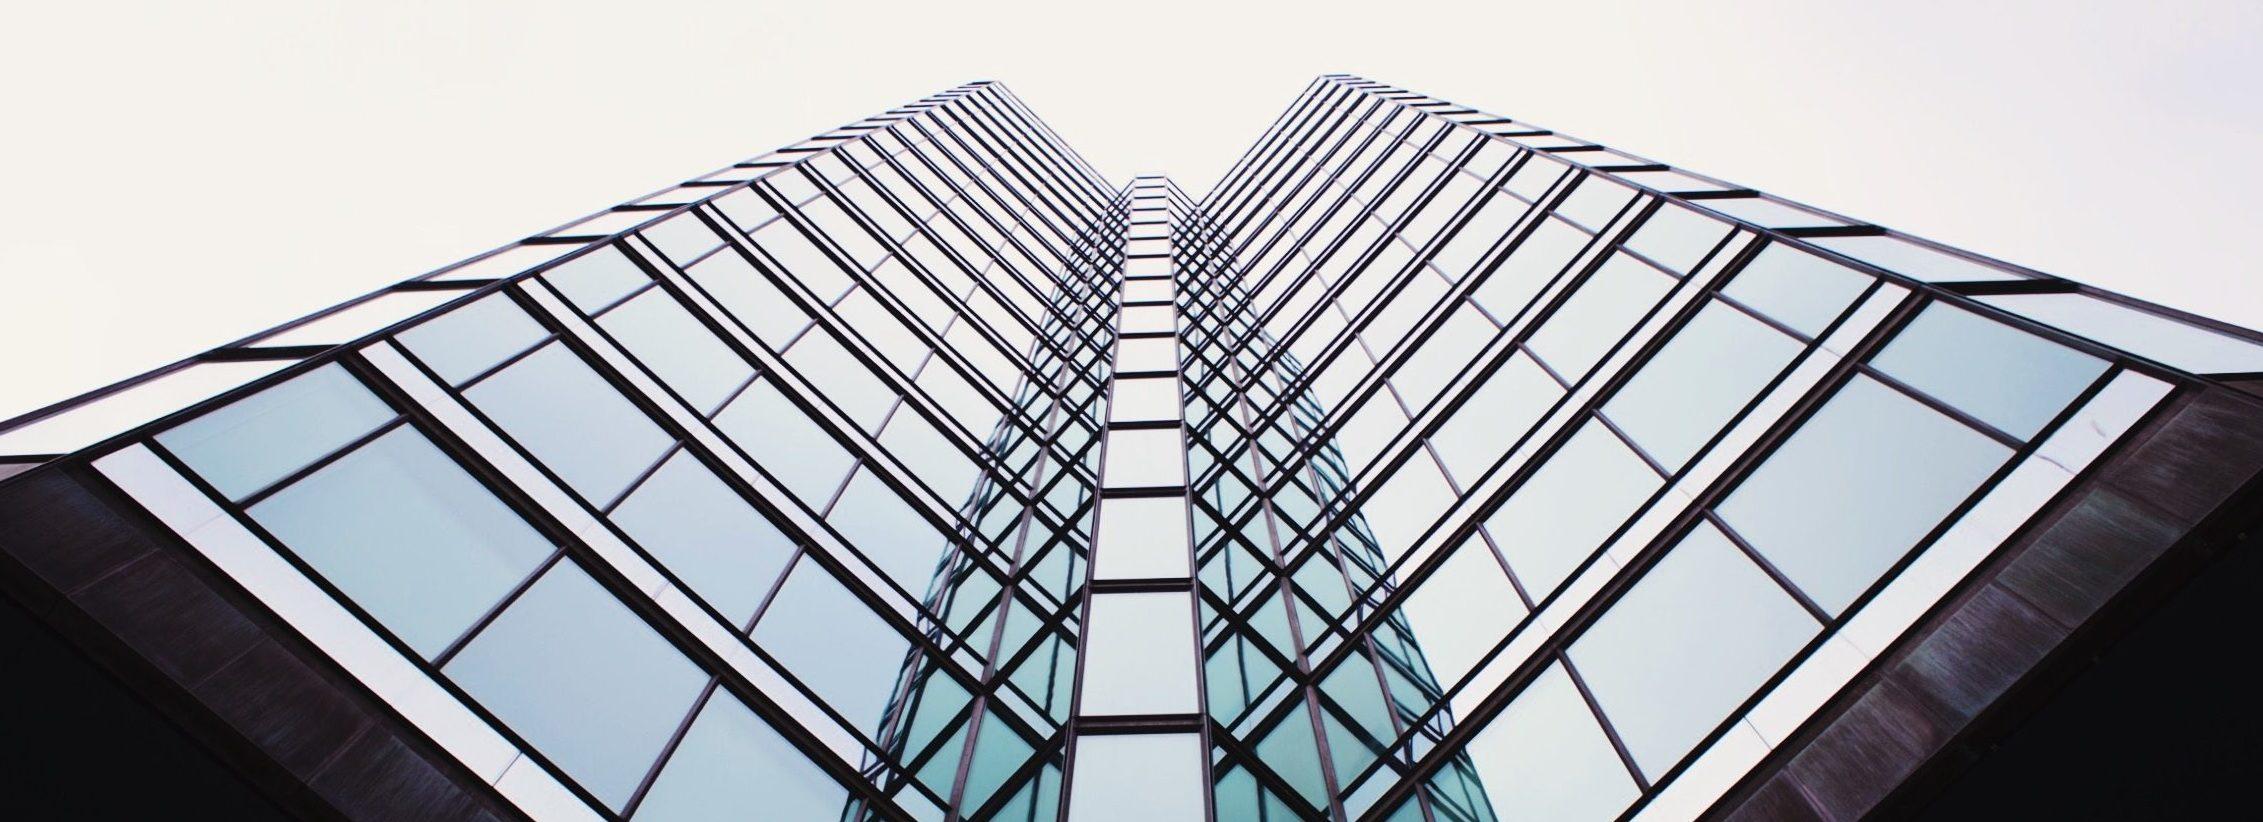 architecture-1838657